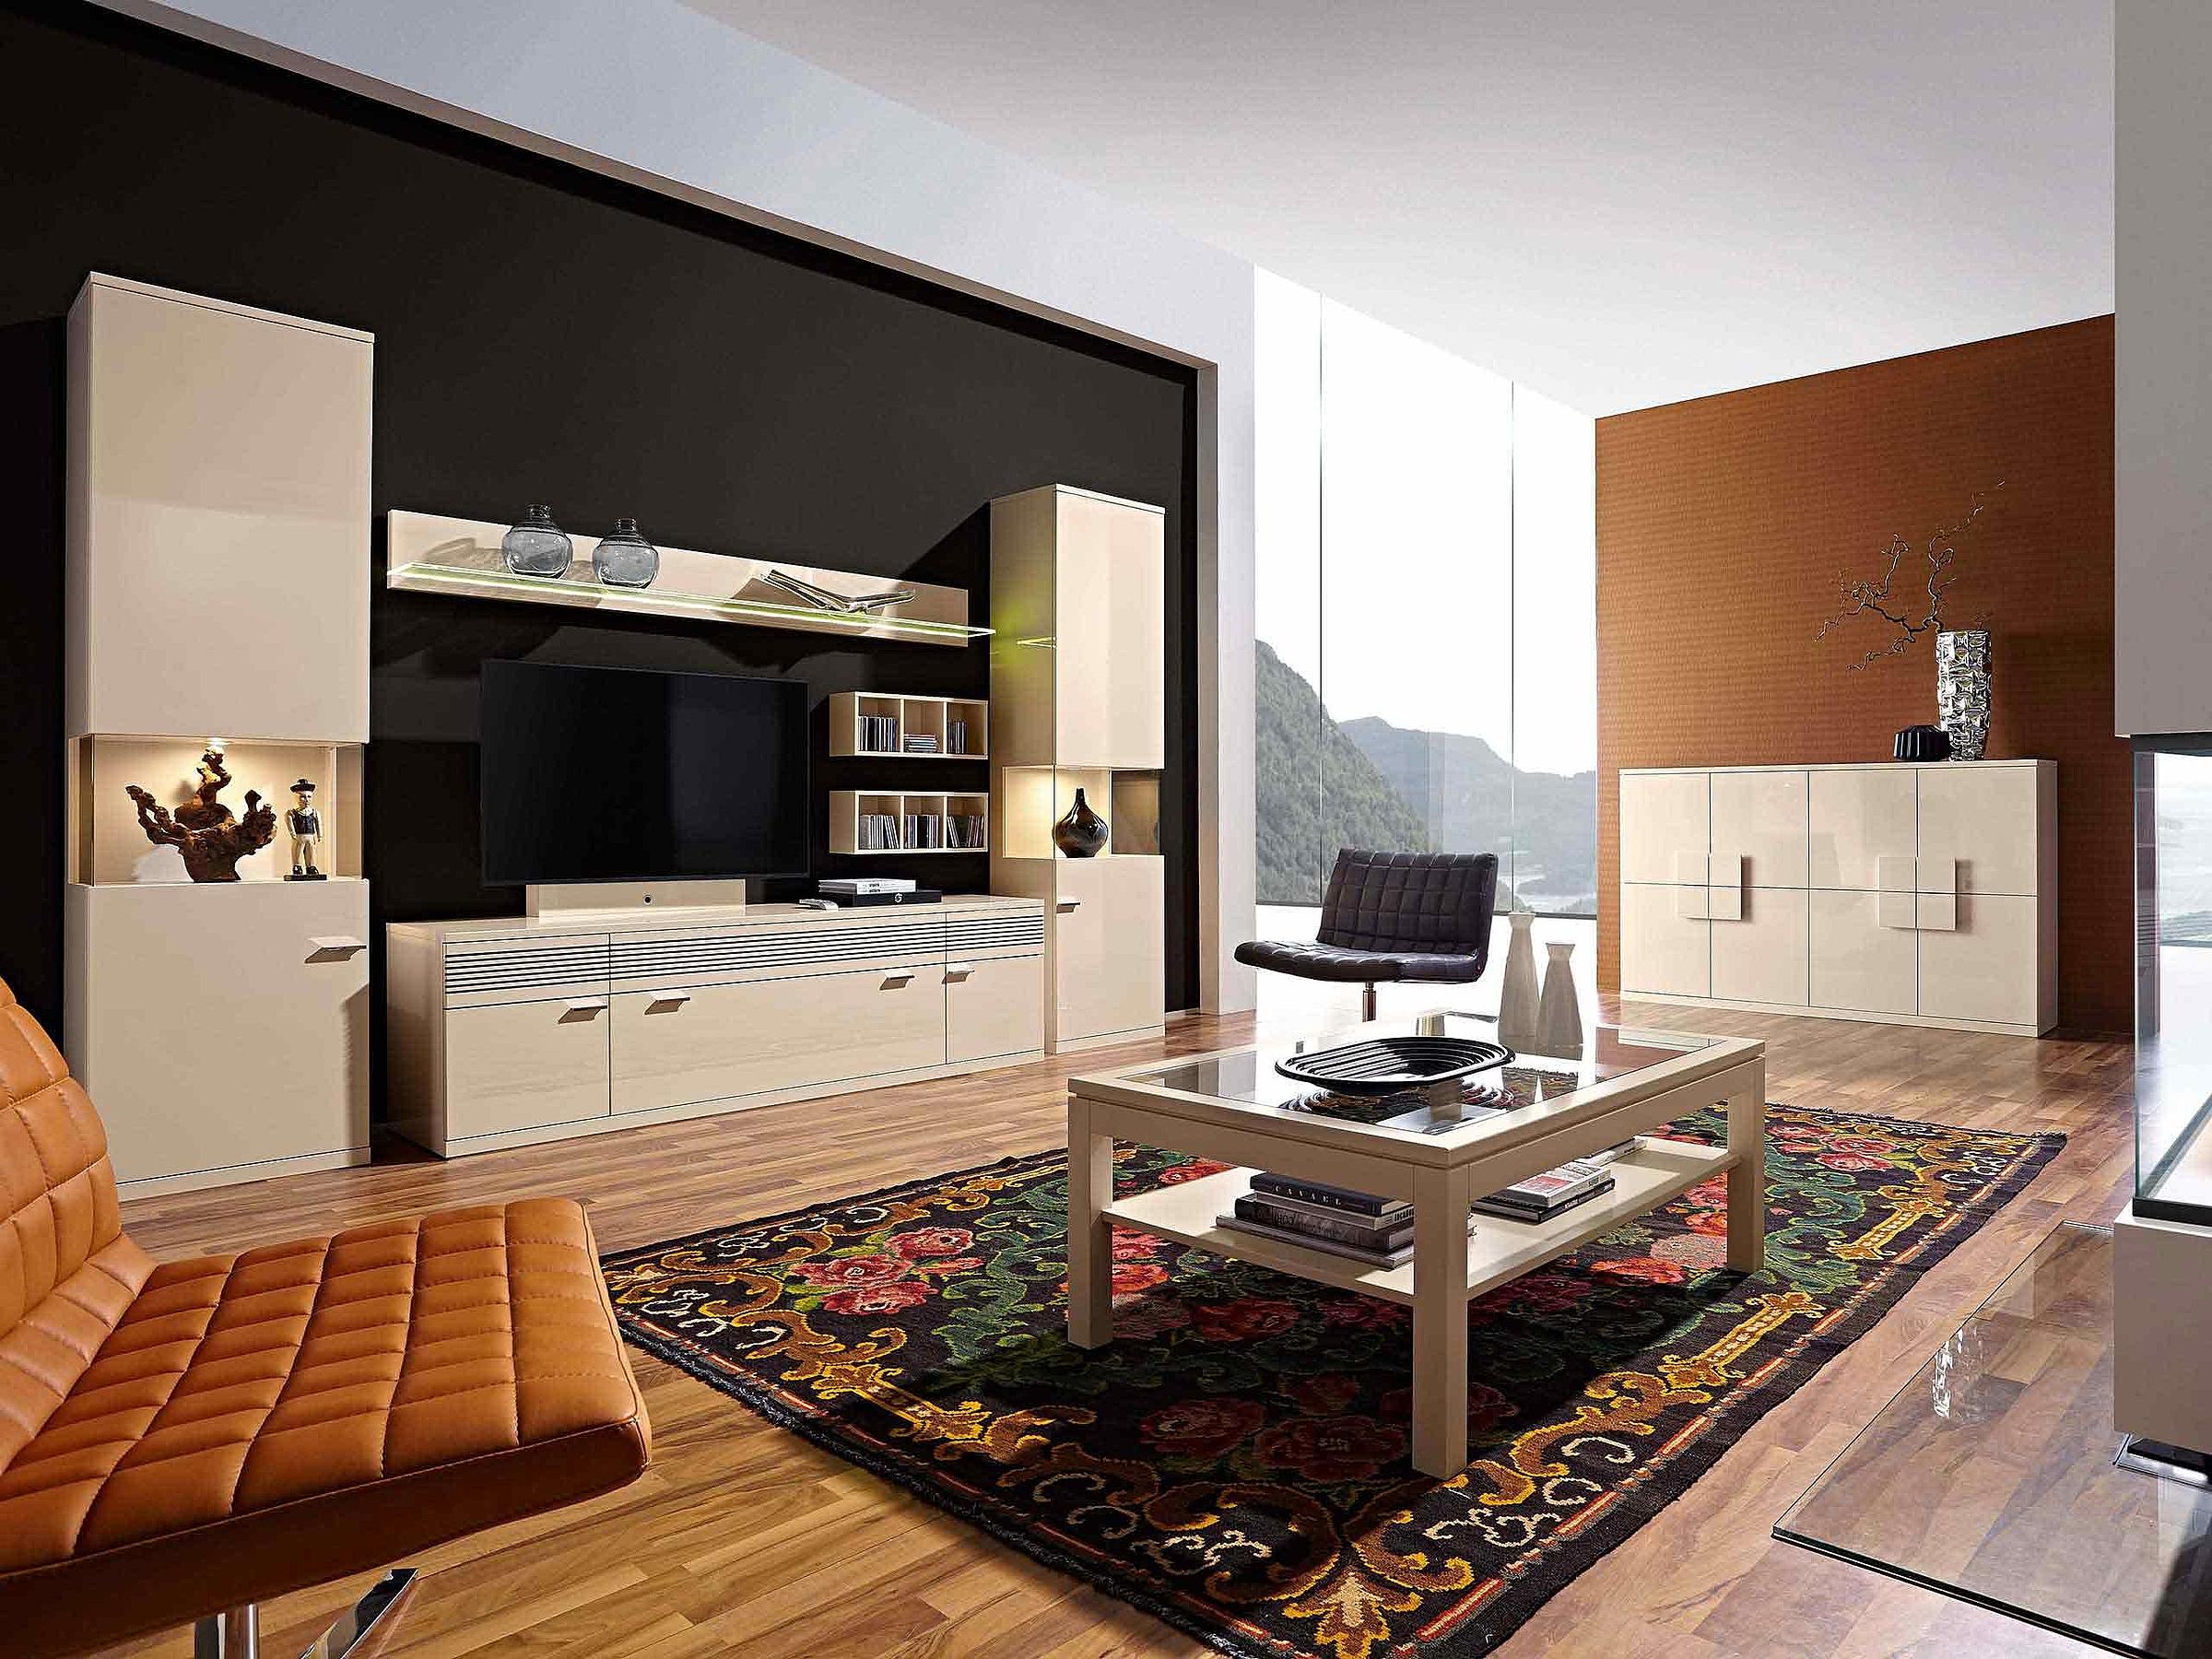 Wohnwand Couchtisch Soundbar Wohnzimmer Lack crema Lavita